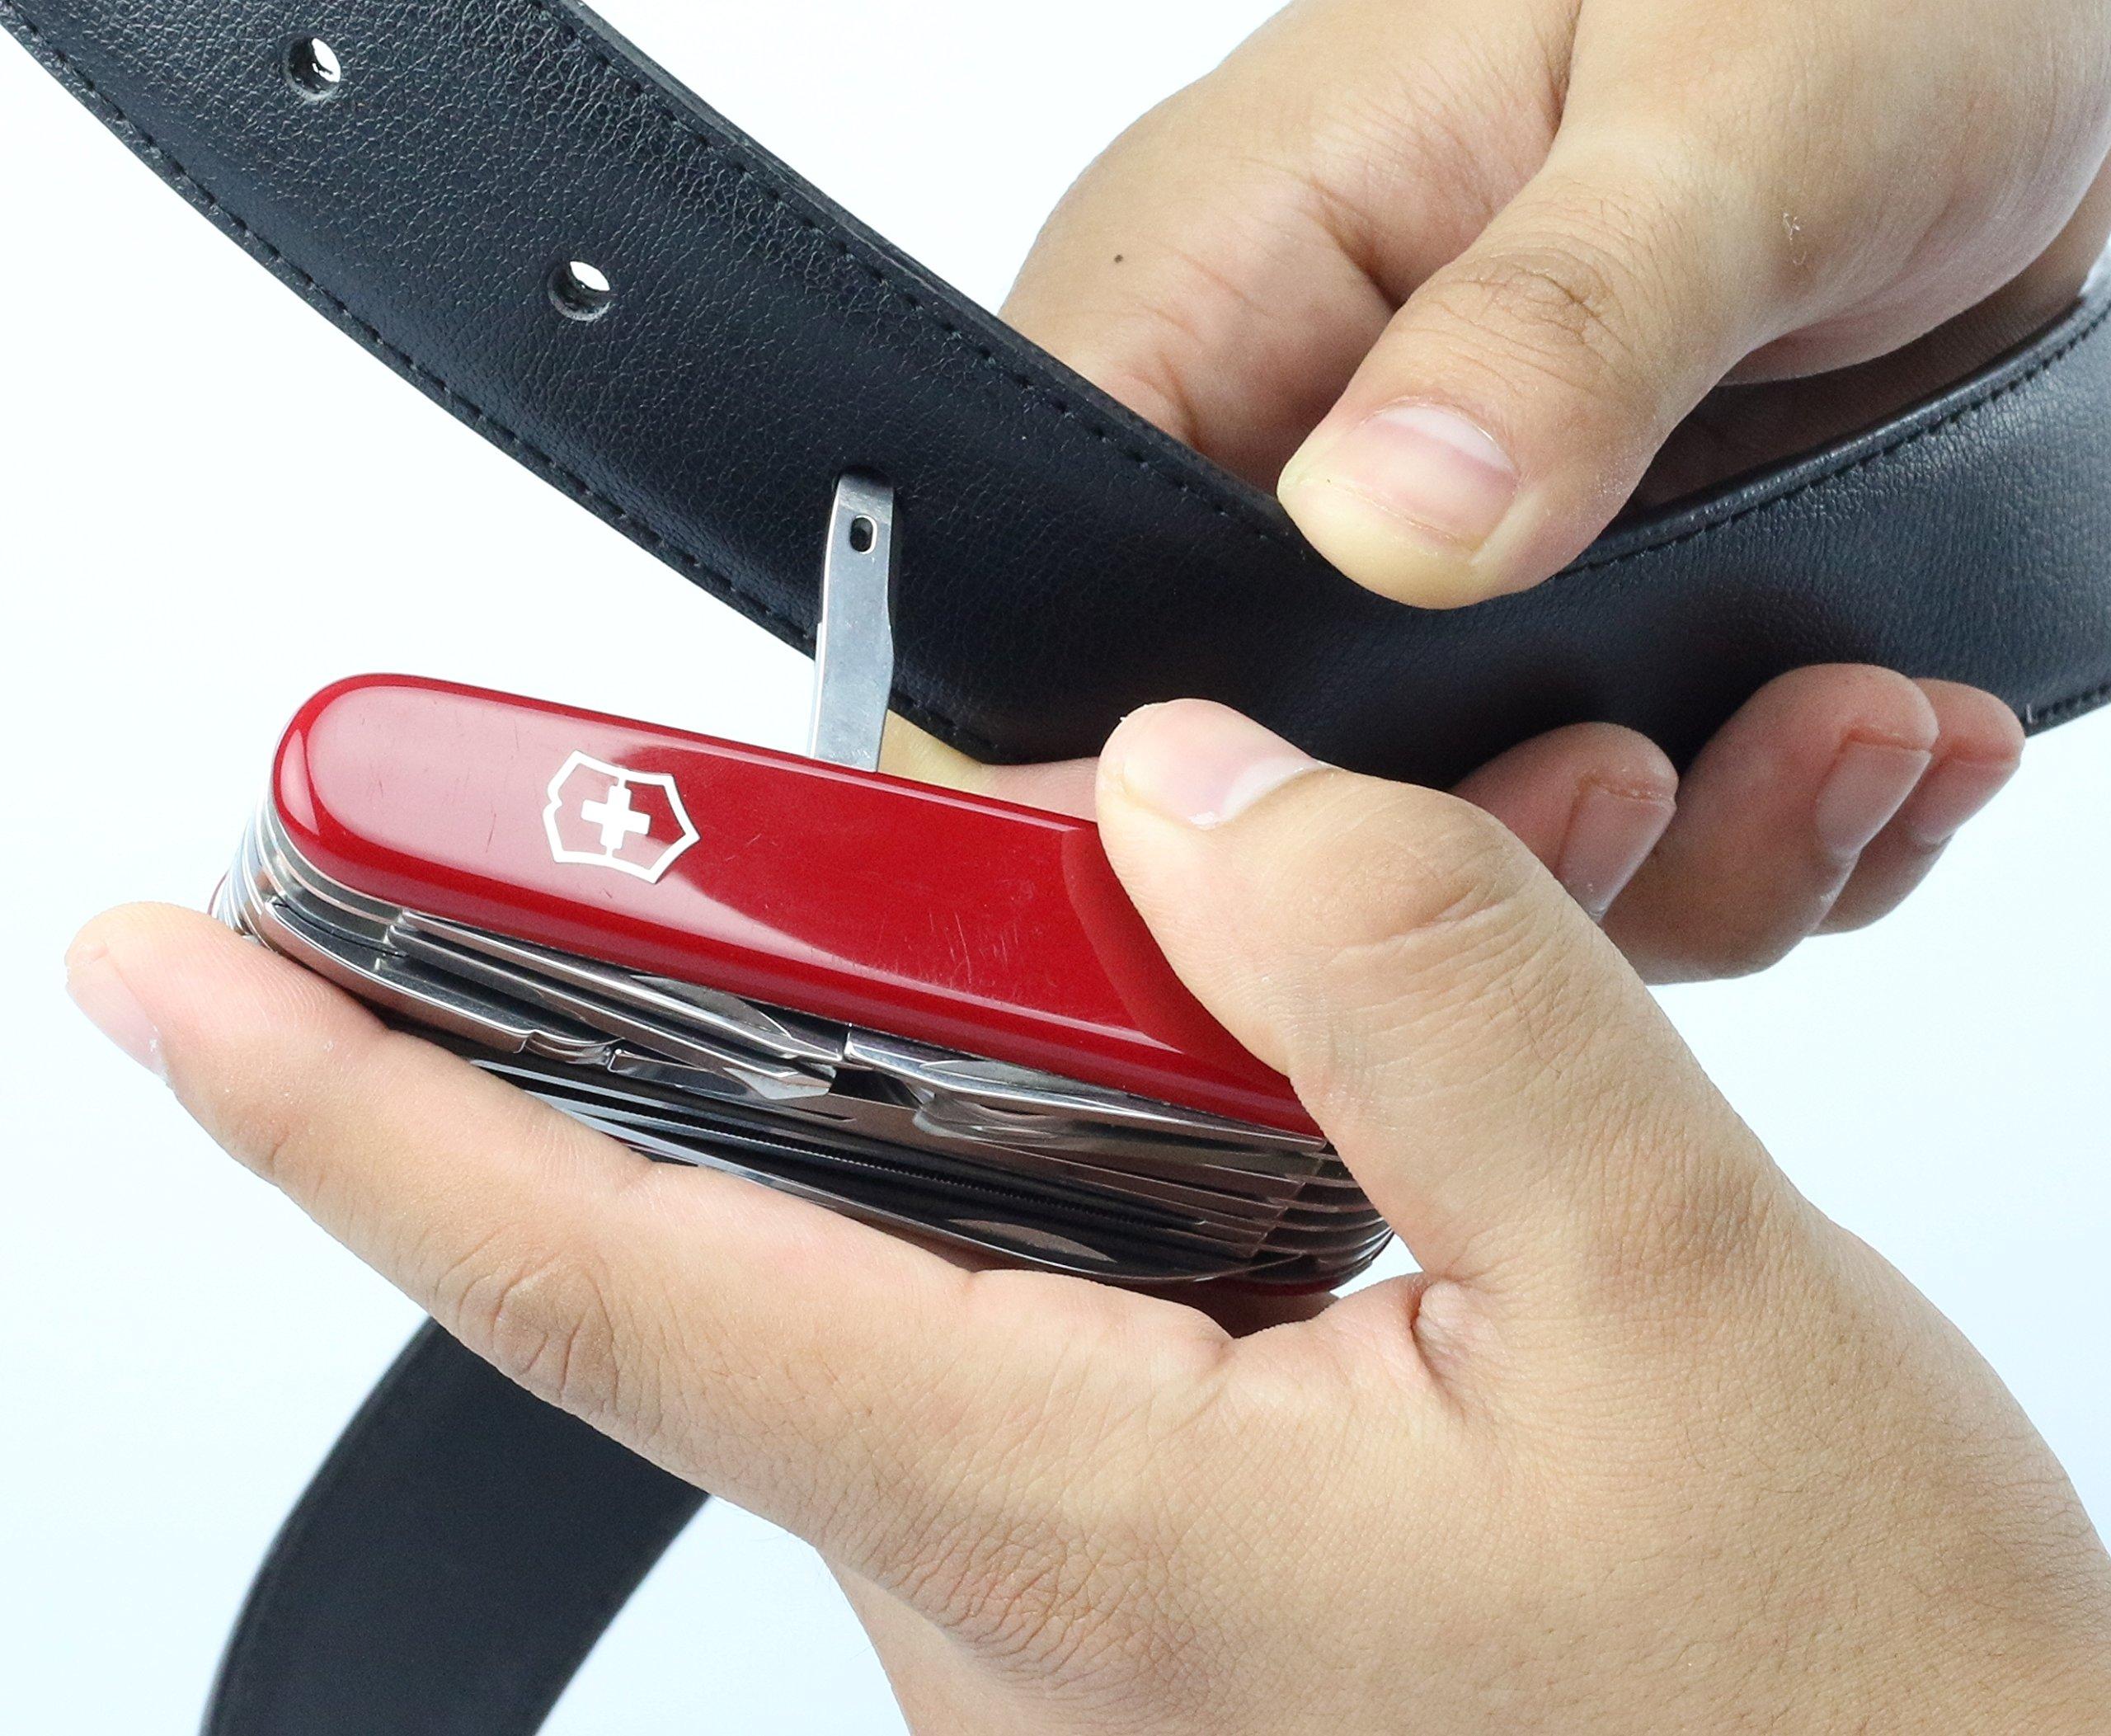 Victorinox Taschenwerkzeug Offiziersmesser Swiss Champ Rot Swisschamp Officer's Knife, Red, 91mm 17